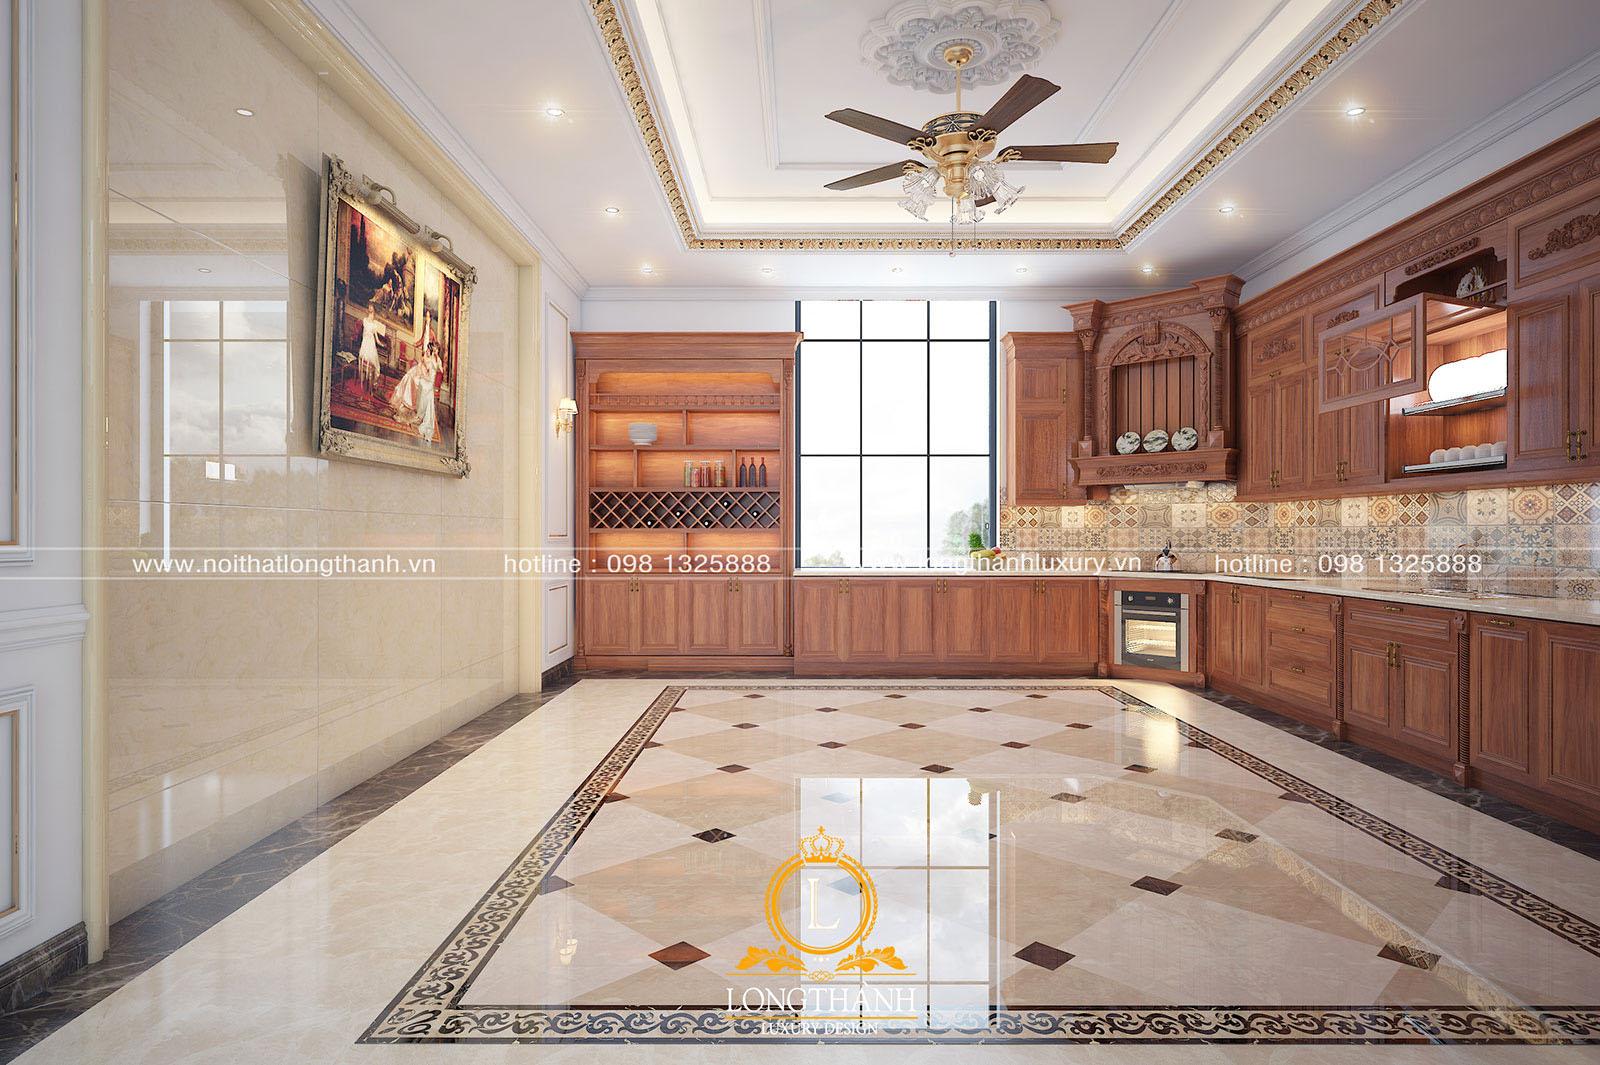 Mẫu tủ bếp gỗ tự nhiên gắn tường gọn gàng làm phòng bếp thêm rộng và sáng hơn